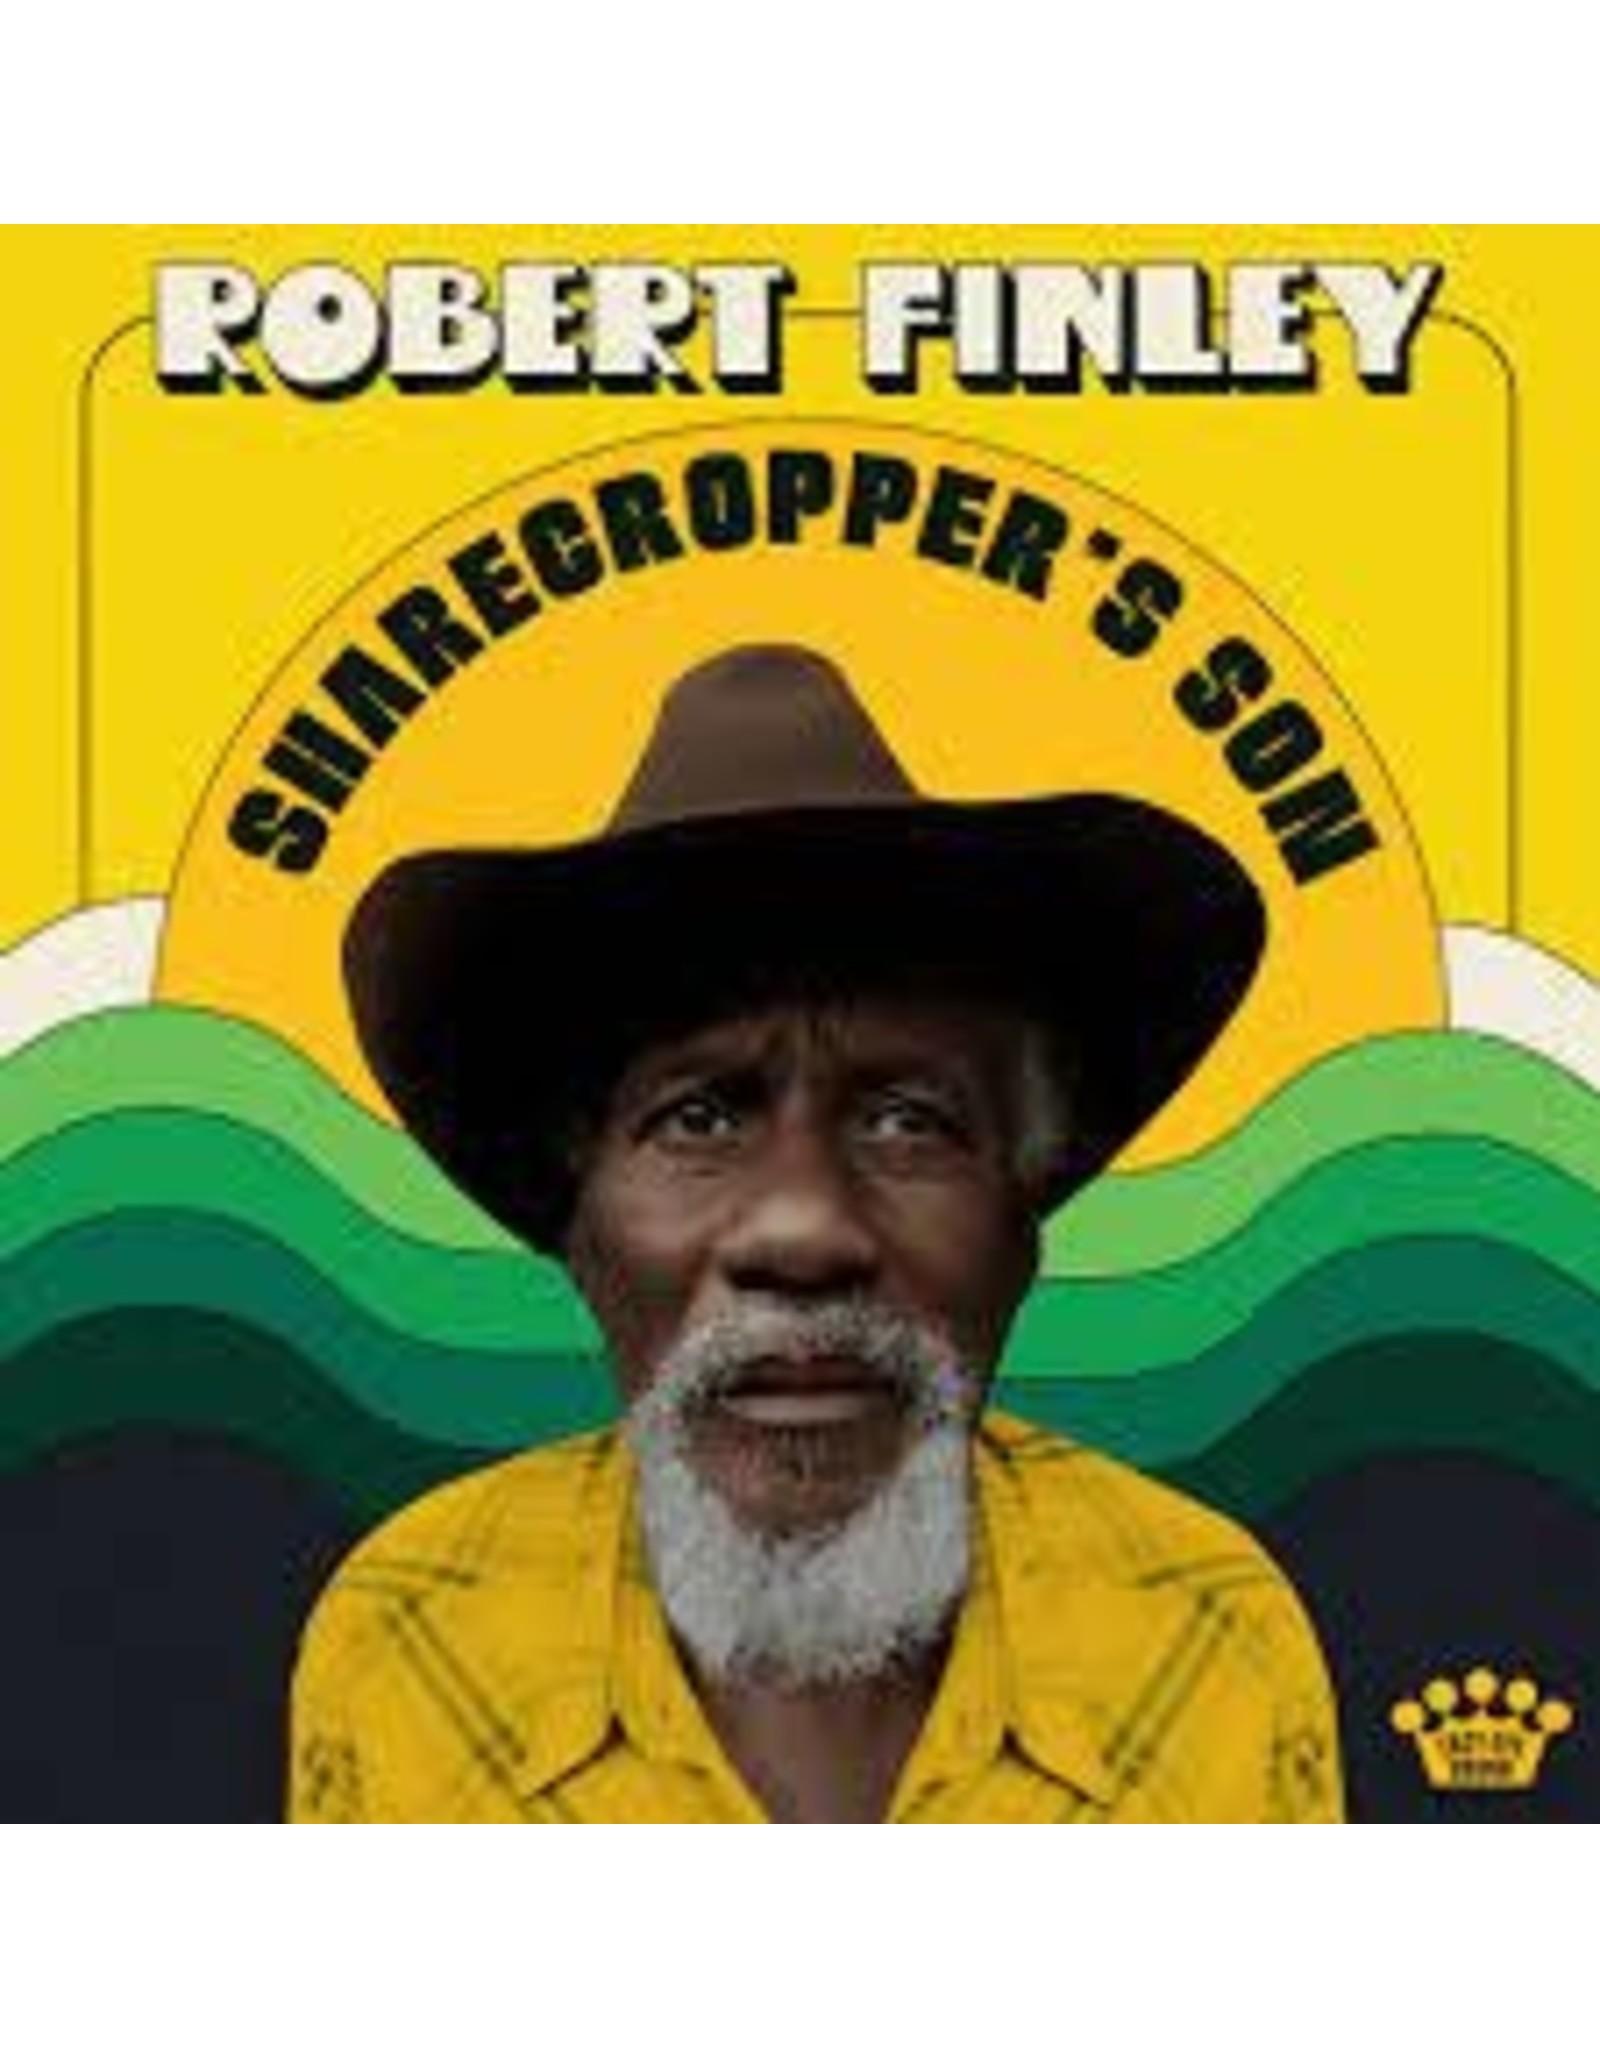 Finley, Robert - Sharecropper's Son LP